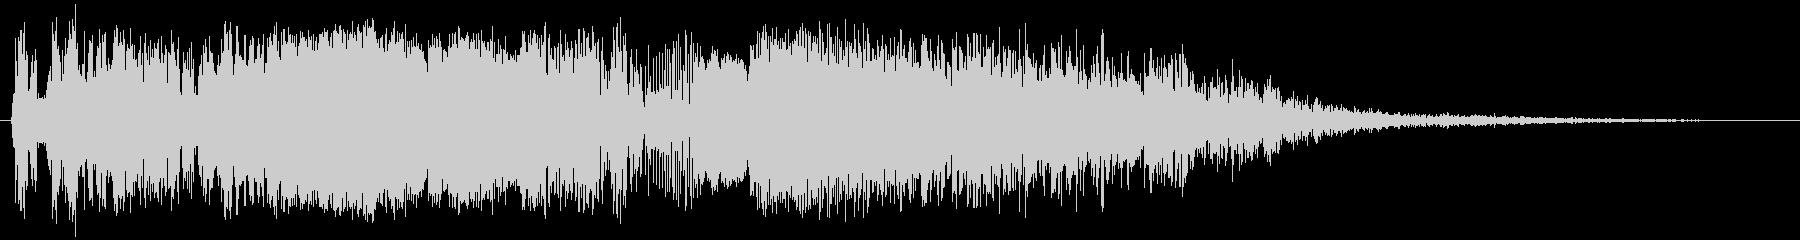 バックアップヒットの未再生の波形